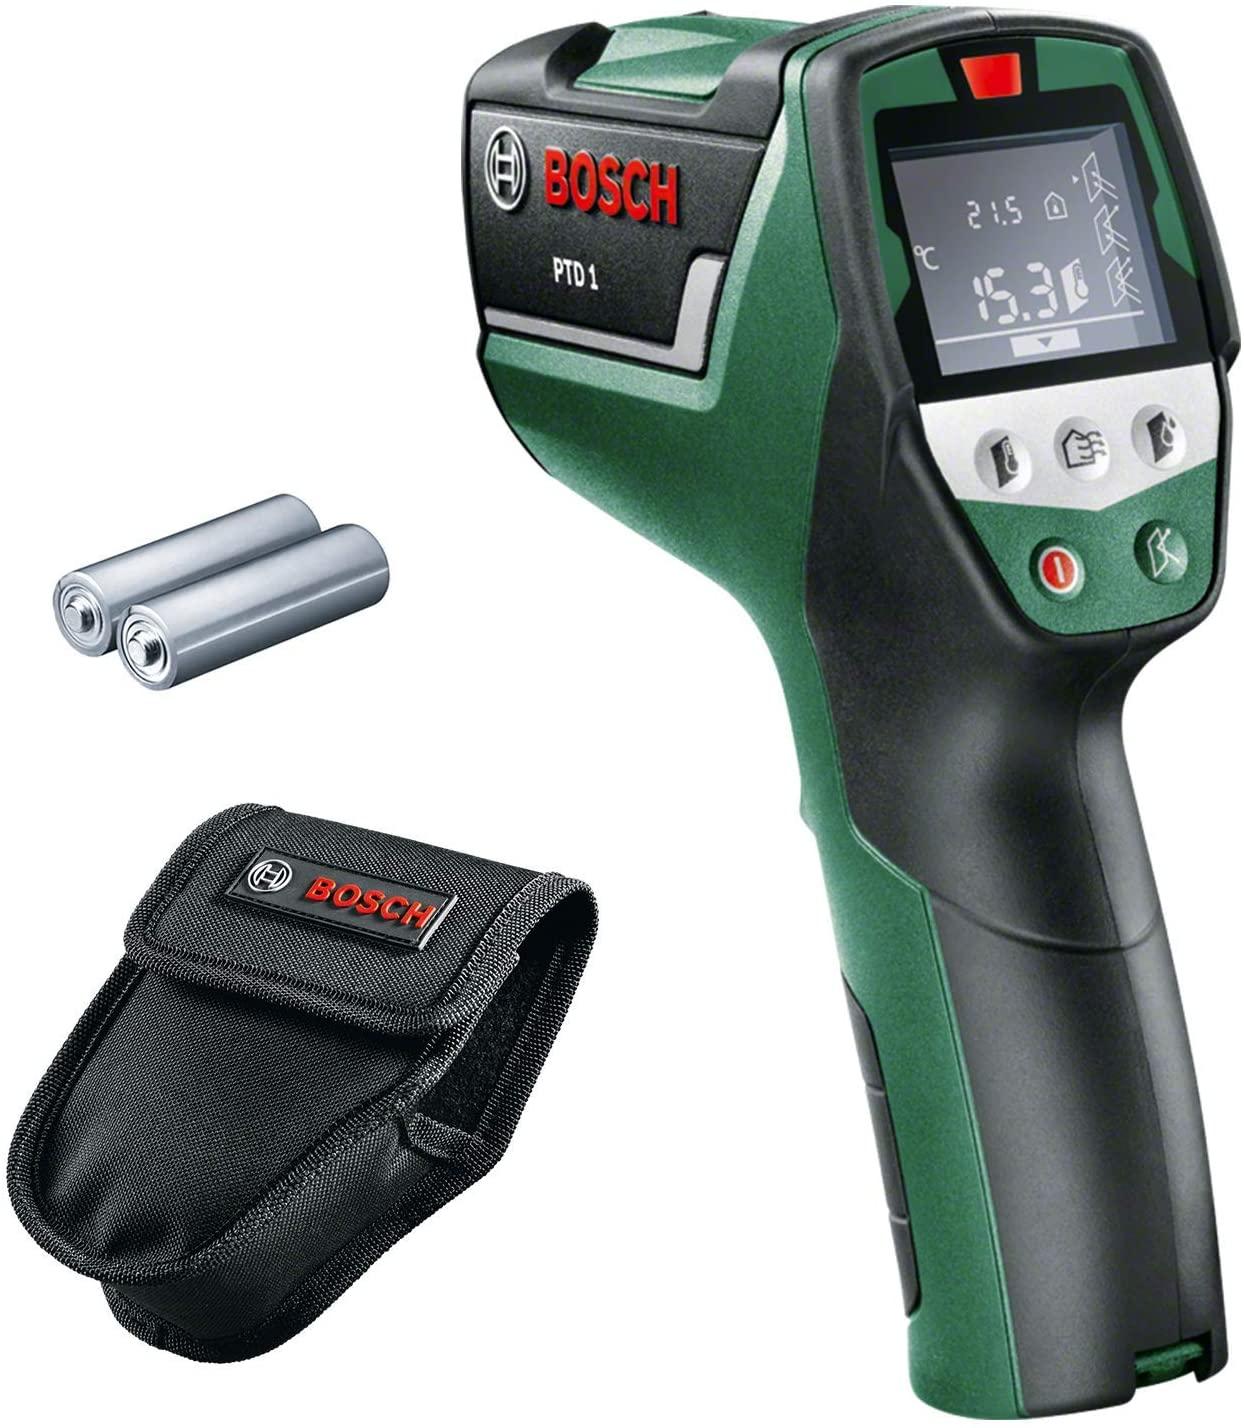 Détecteur thermique Bosch PTD 1 (Livré avec 2 piles AA, poche de rangement, écran digital)